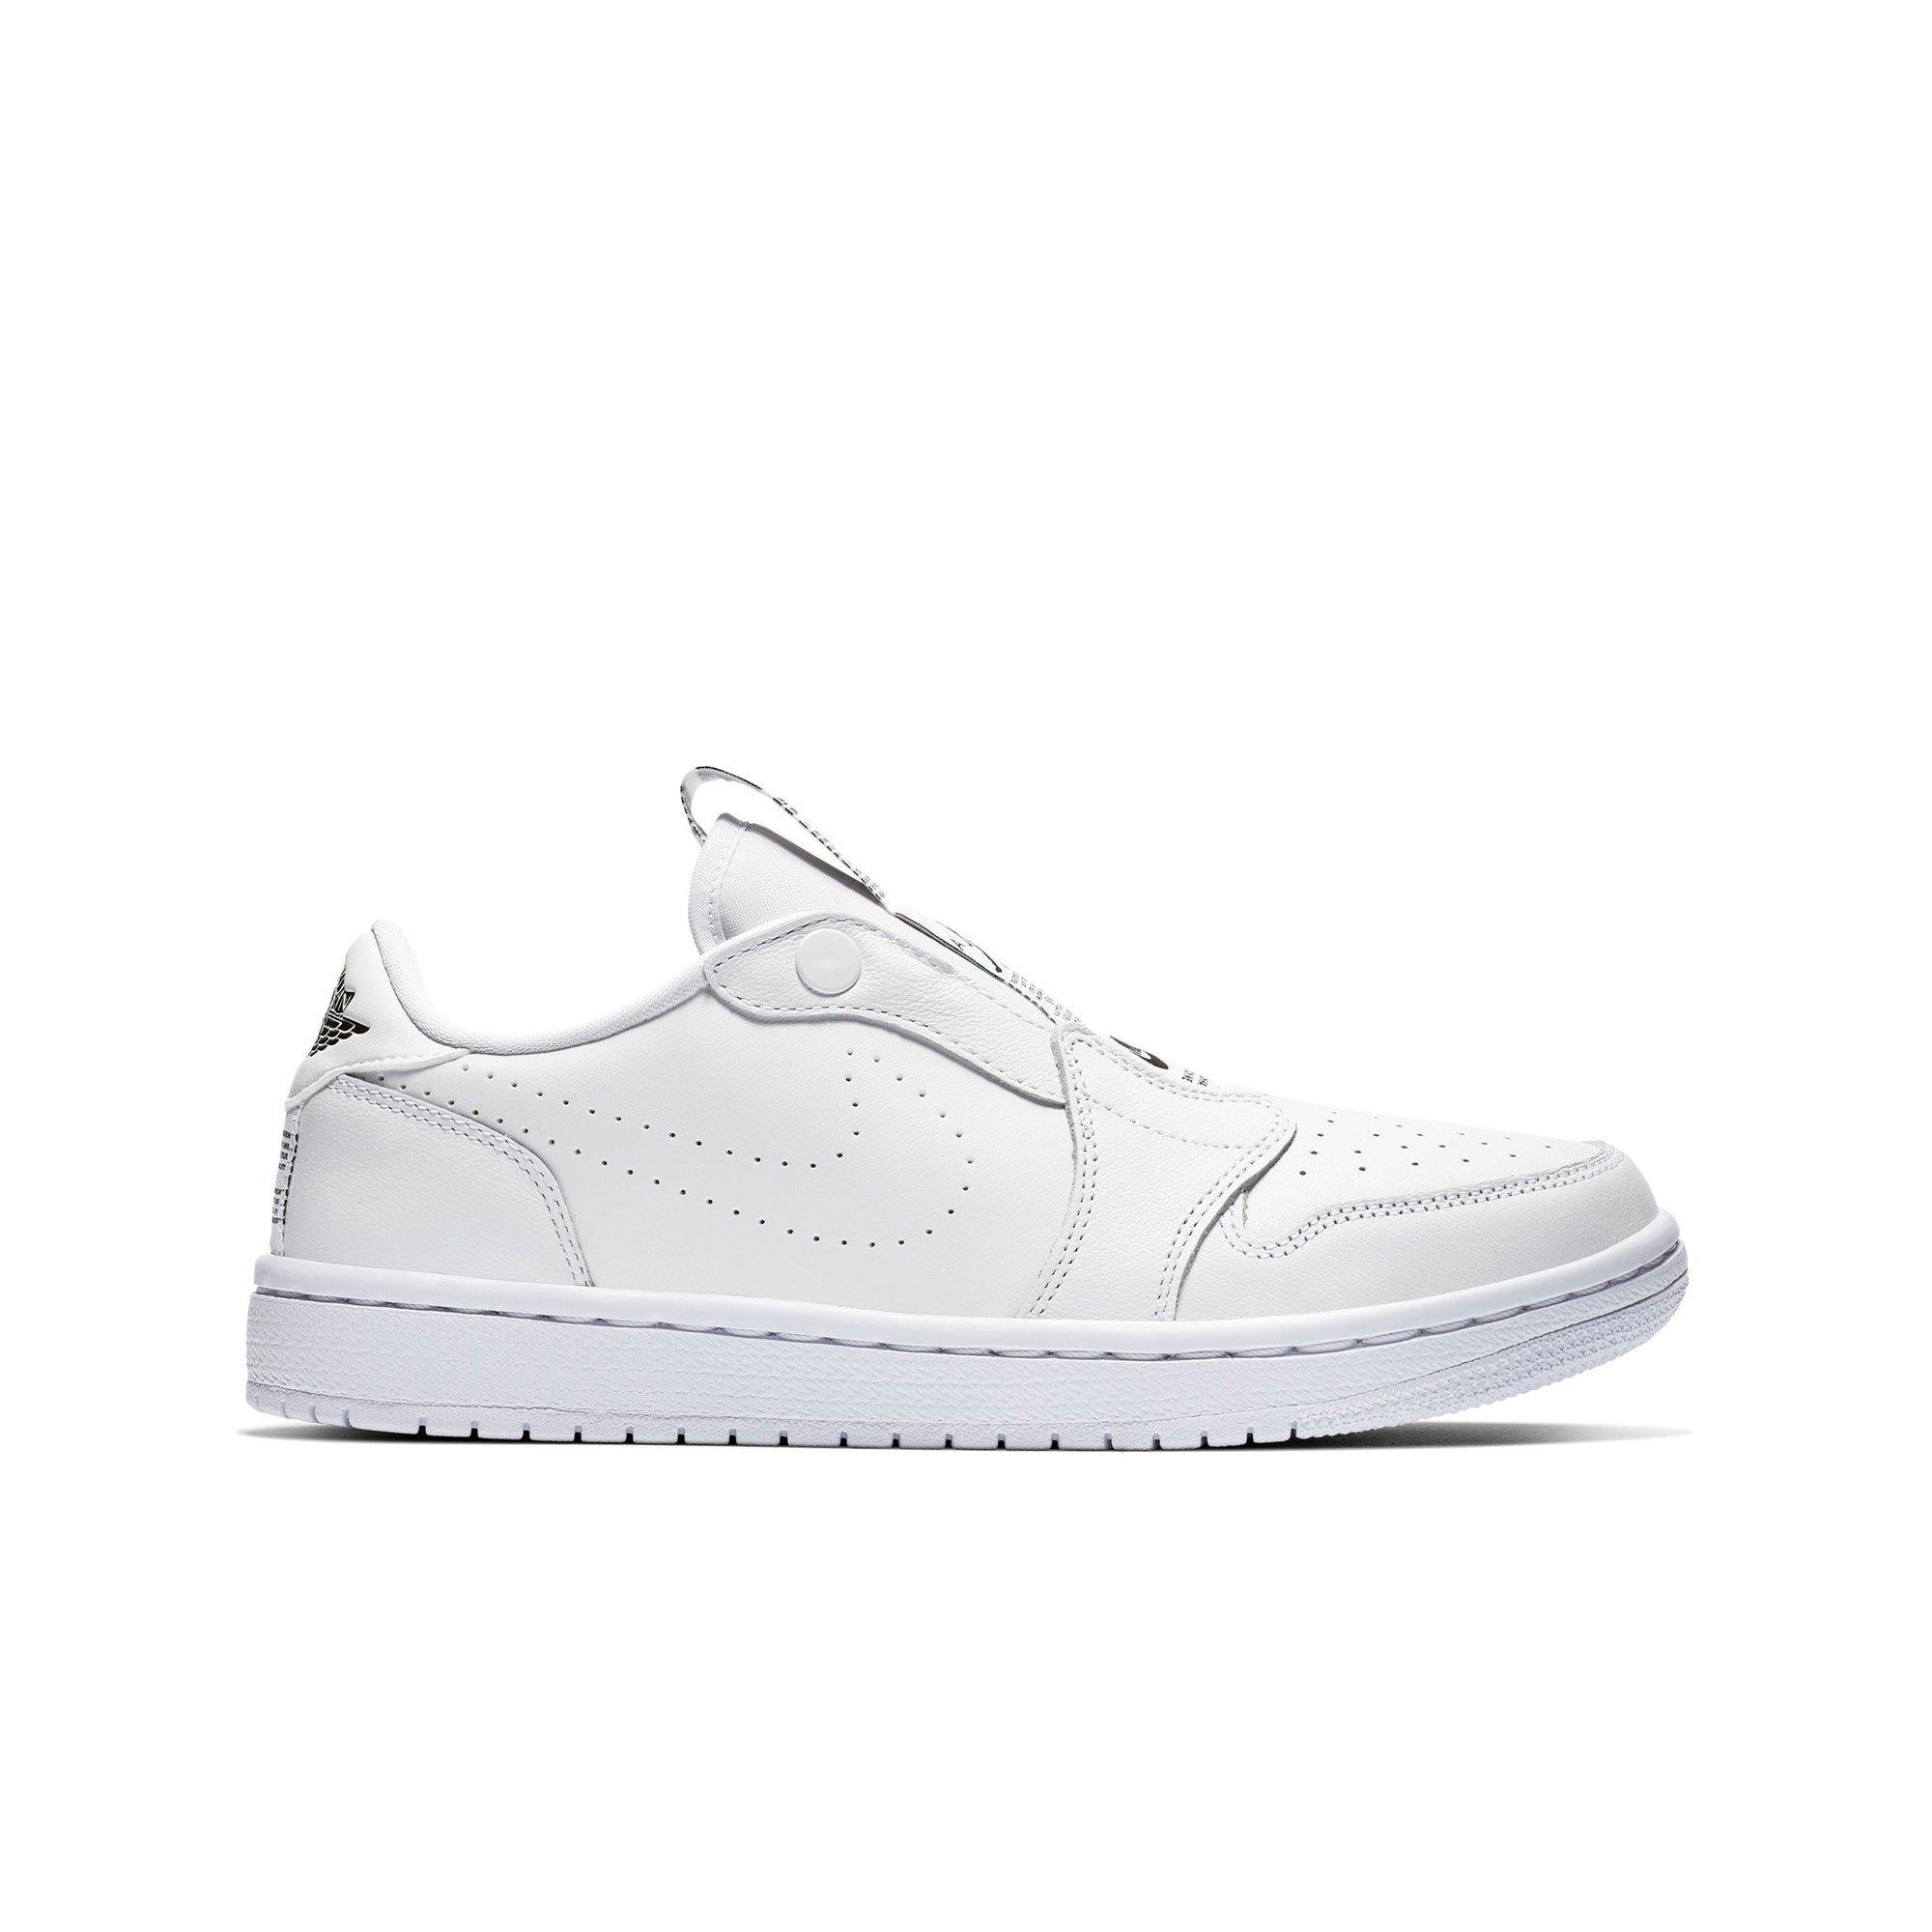 jordan shoes site